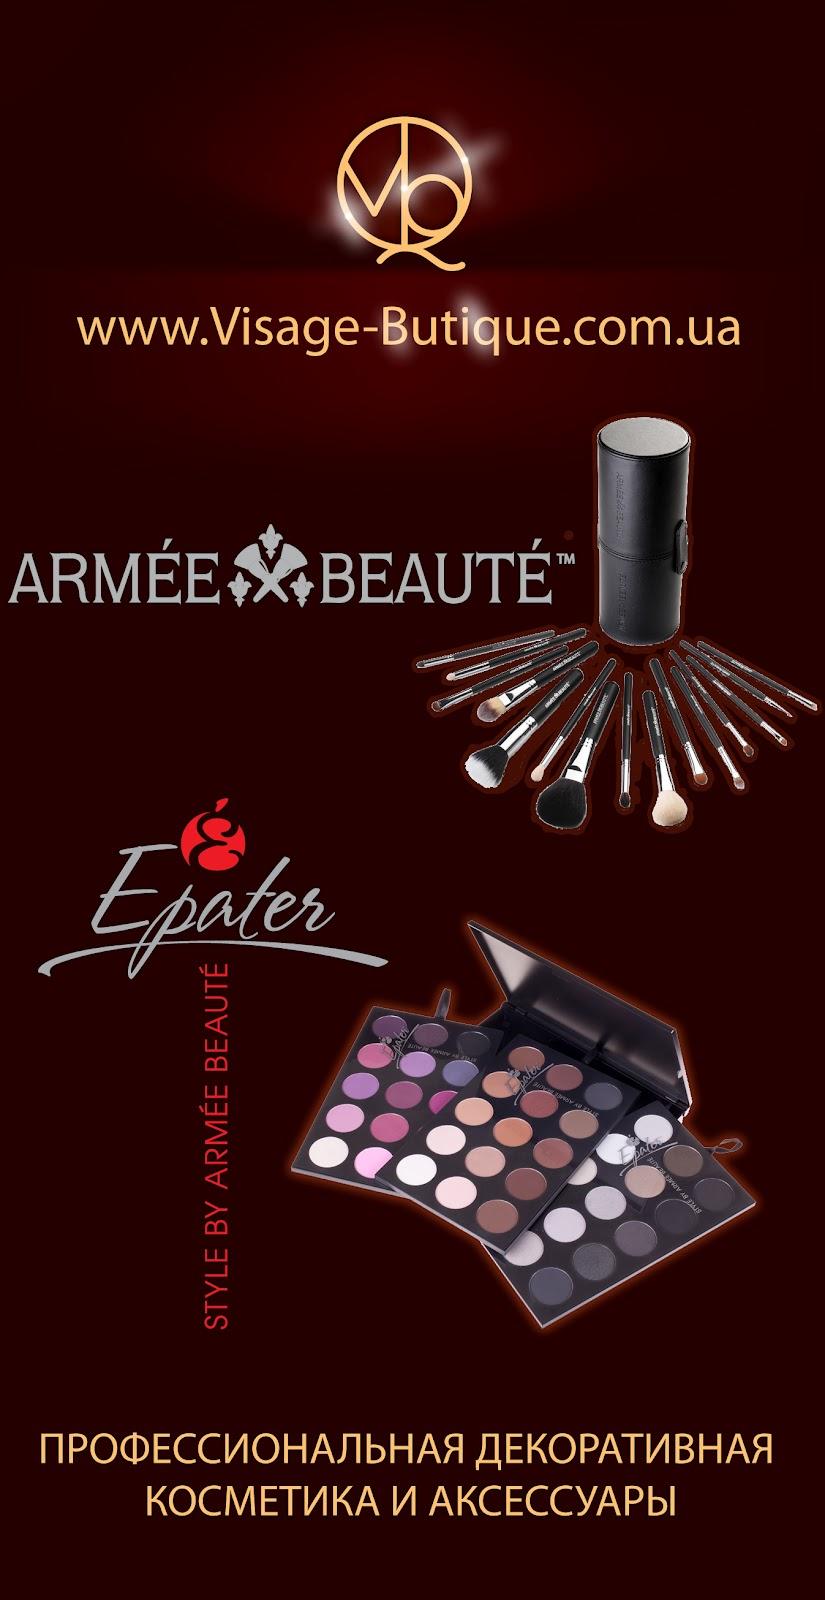 Сайт профессиональной декоративной косметики 14 фотография